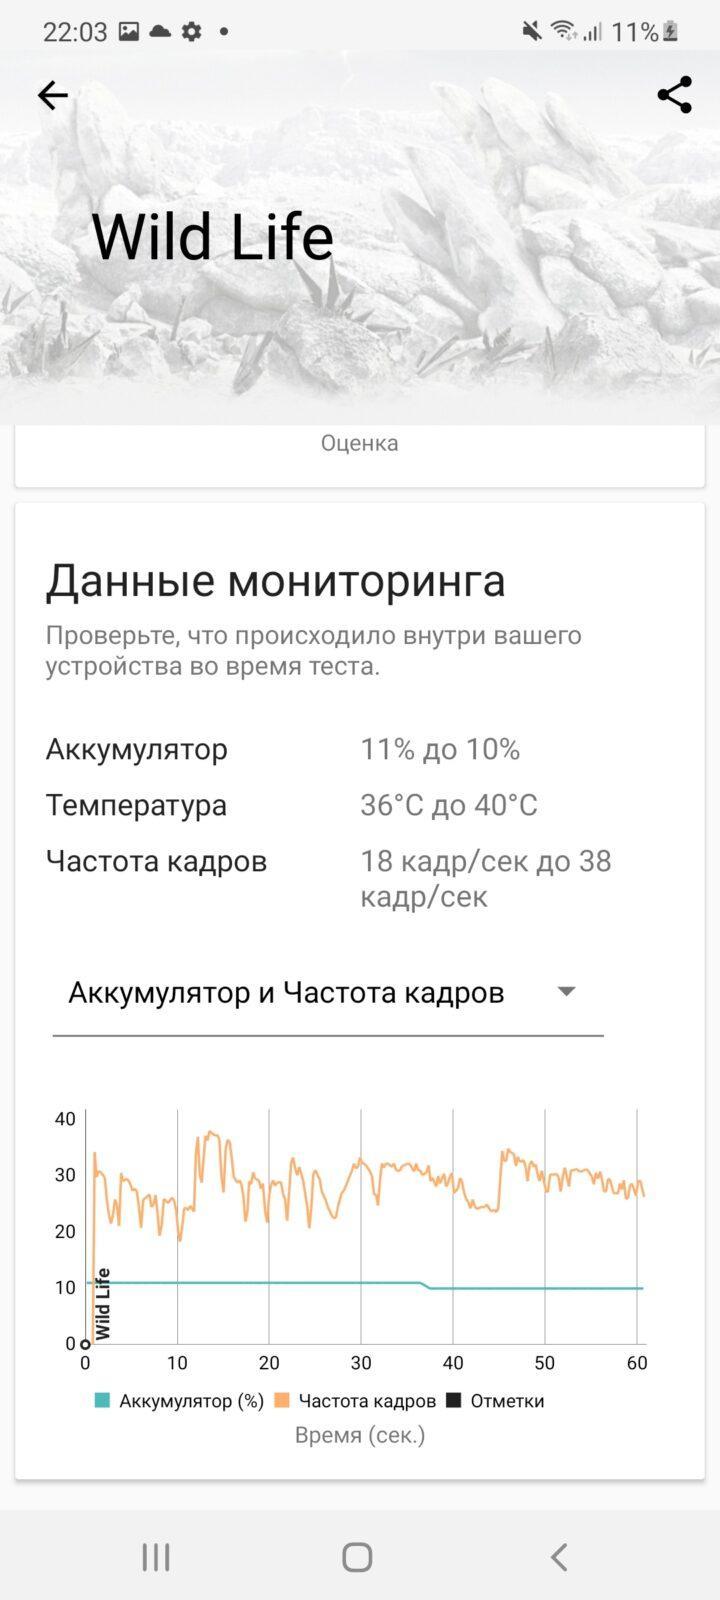 Обзор Samsung Galaxy S21 Ultra: лучший из лучших (screenshot 20210224 220309 3dmark)